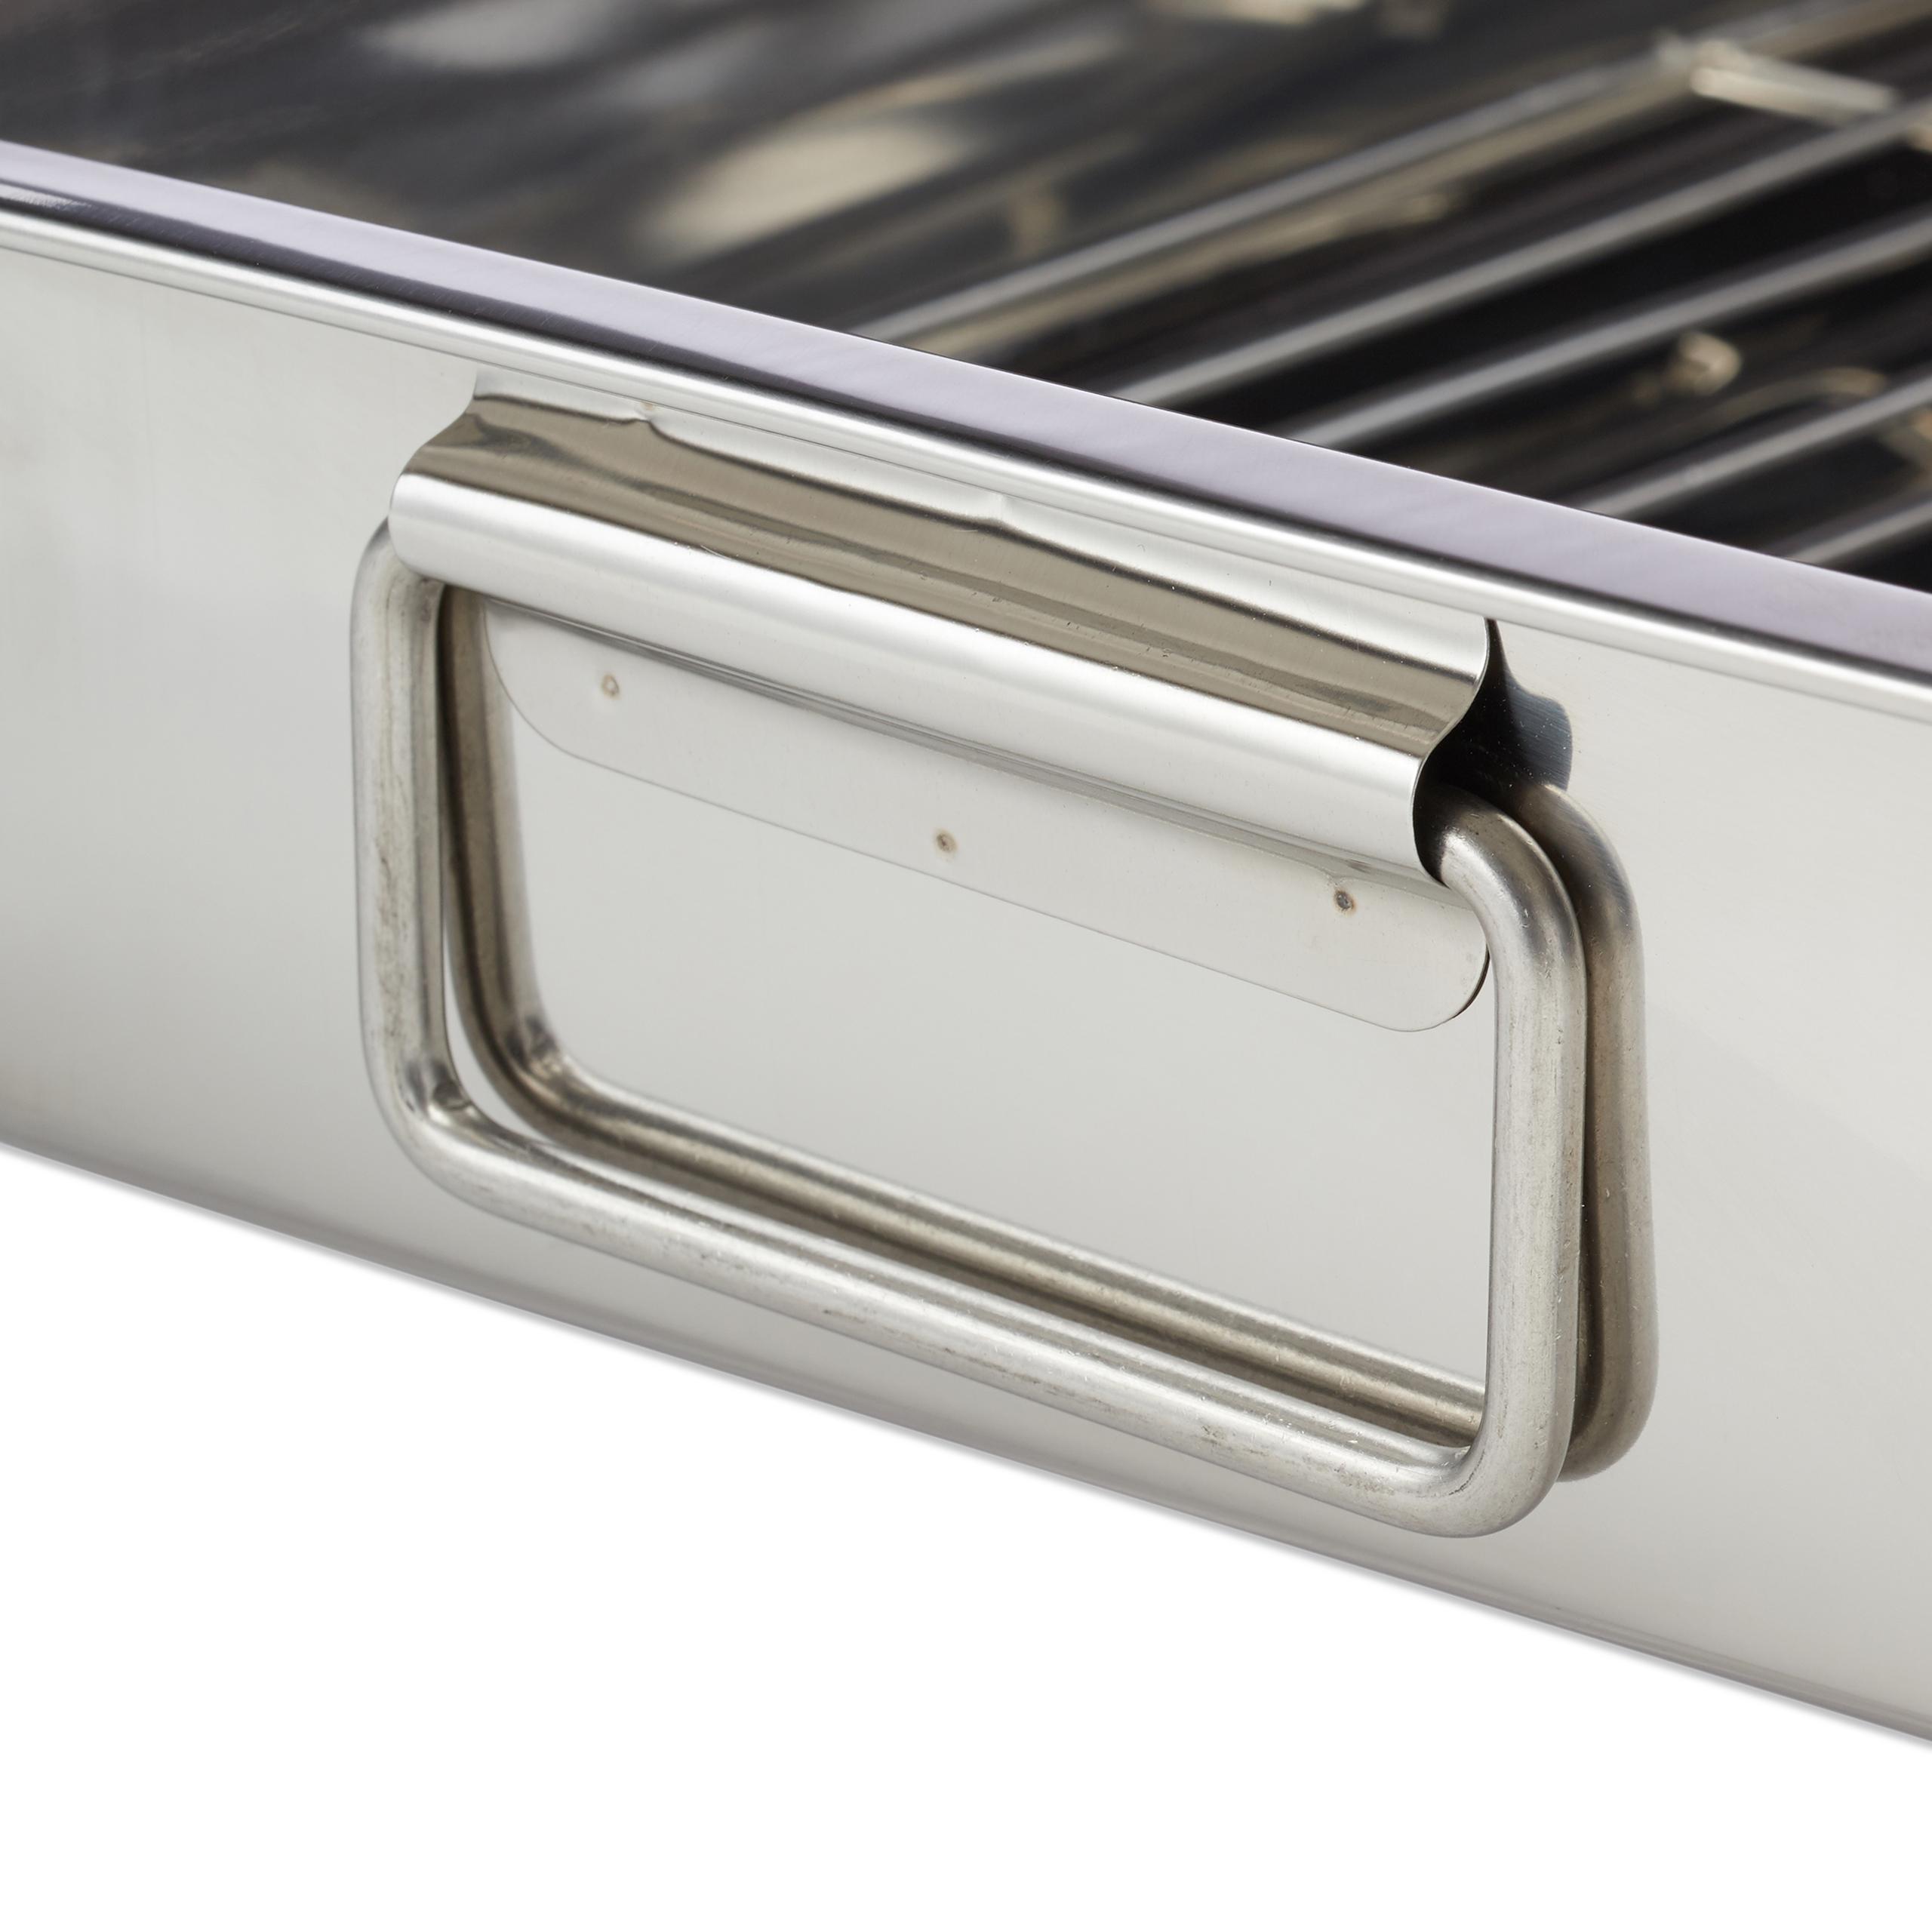 Braeter-mit-Rost-Edelstahl-Auflaufform-Bratform-Ofenform-Schwedenschale-Bratreine Indexbild 15